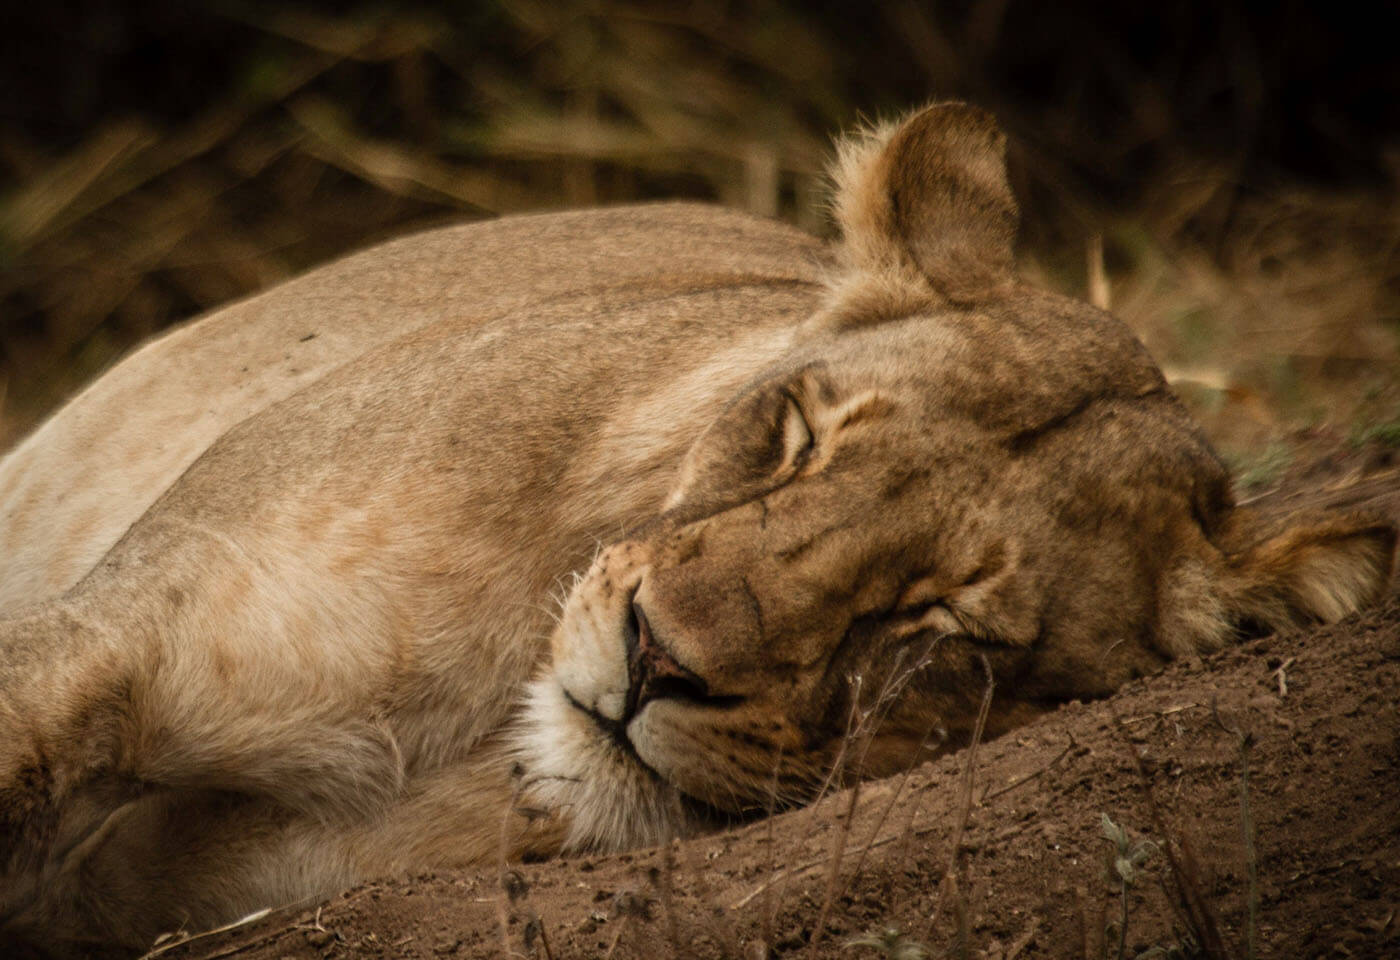 Portrait image of lion